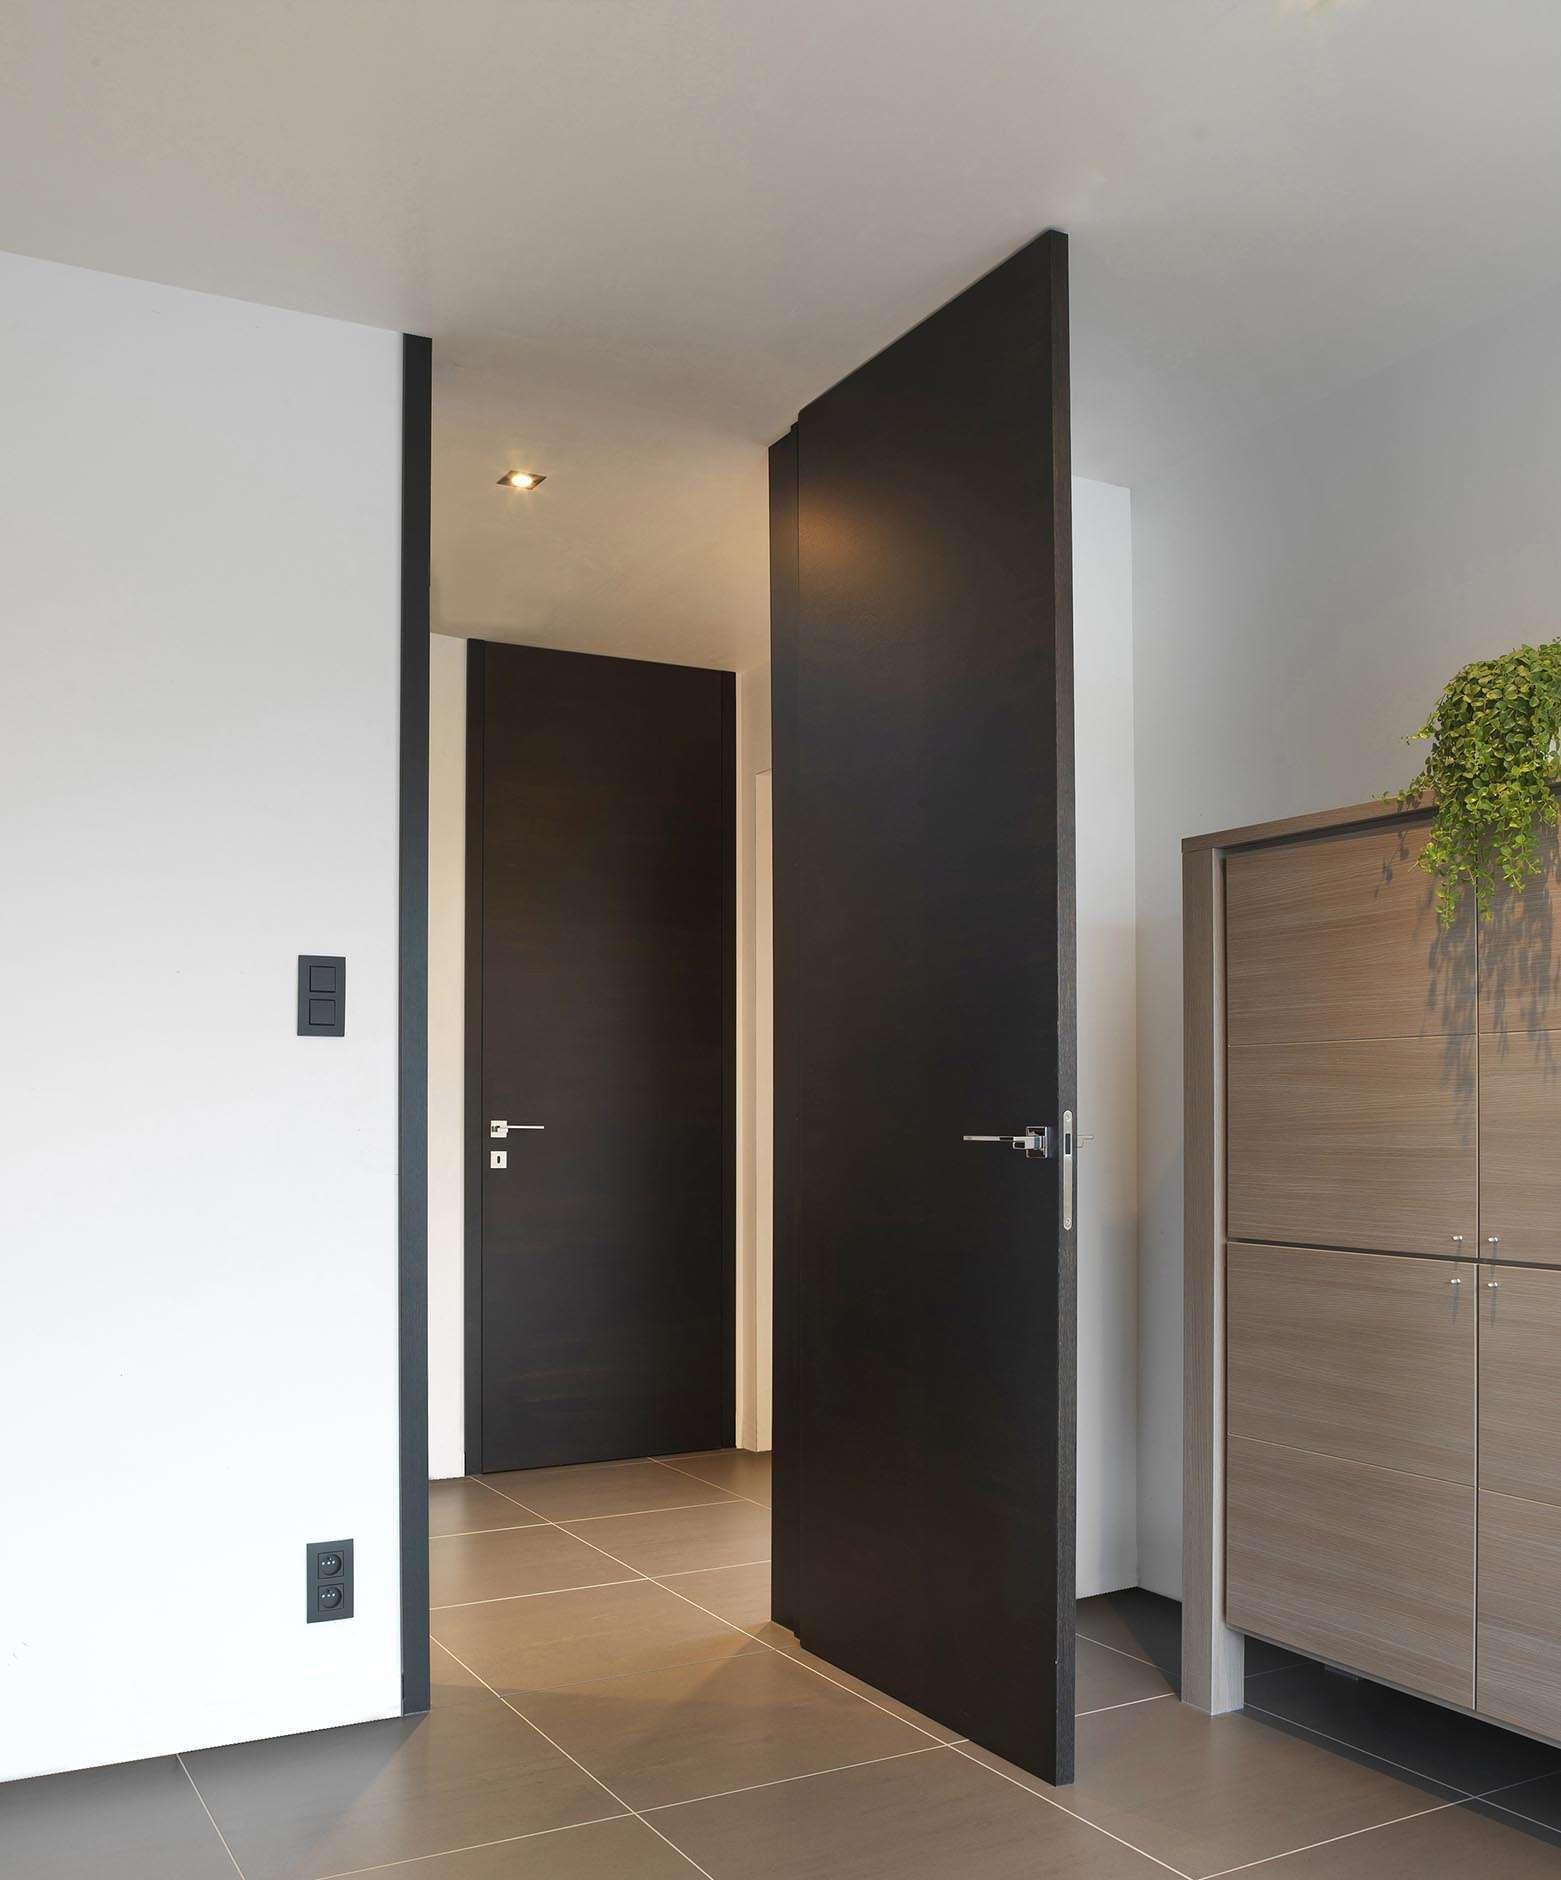 plafondhoge-houten-deuren-nordex